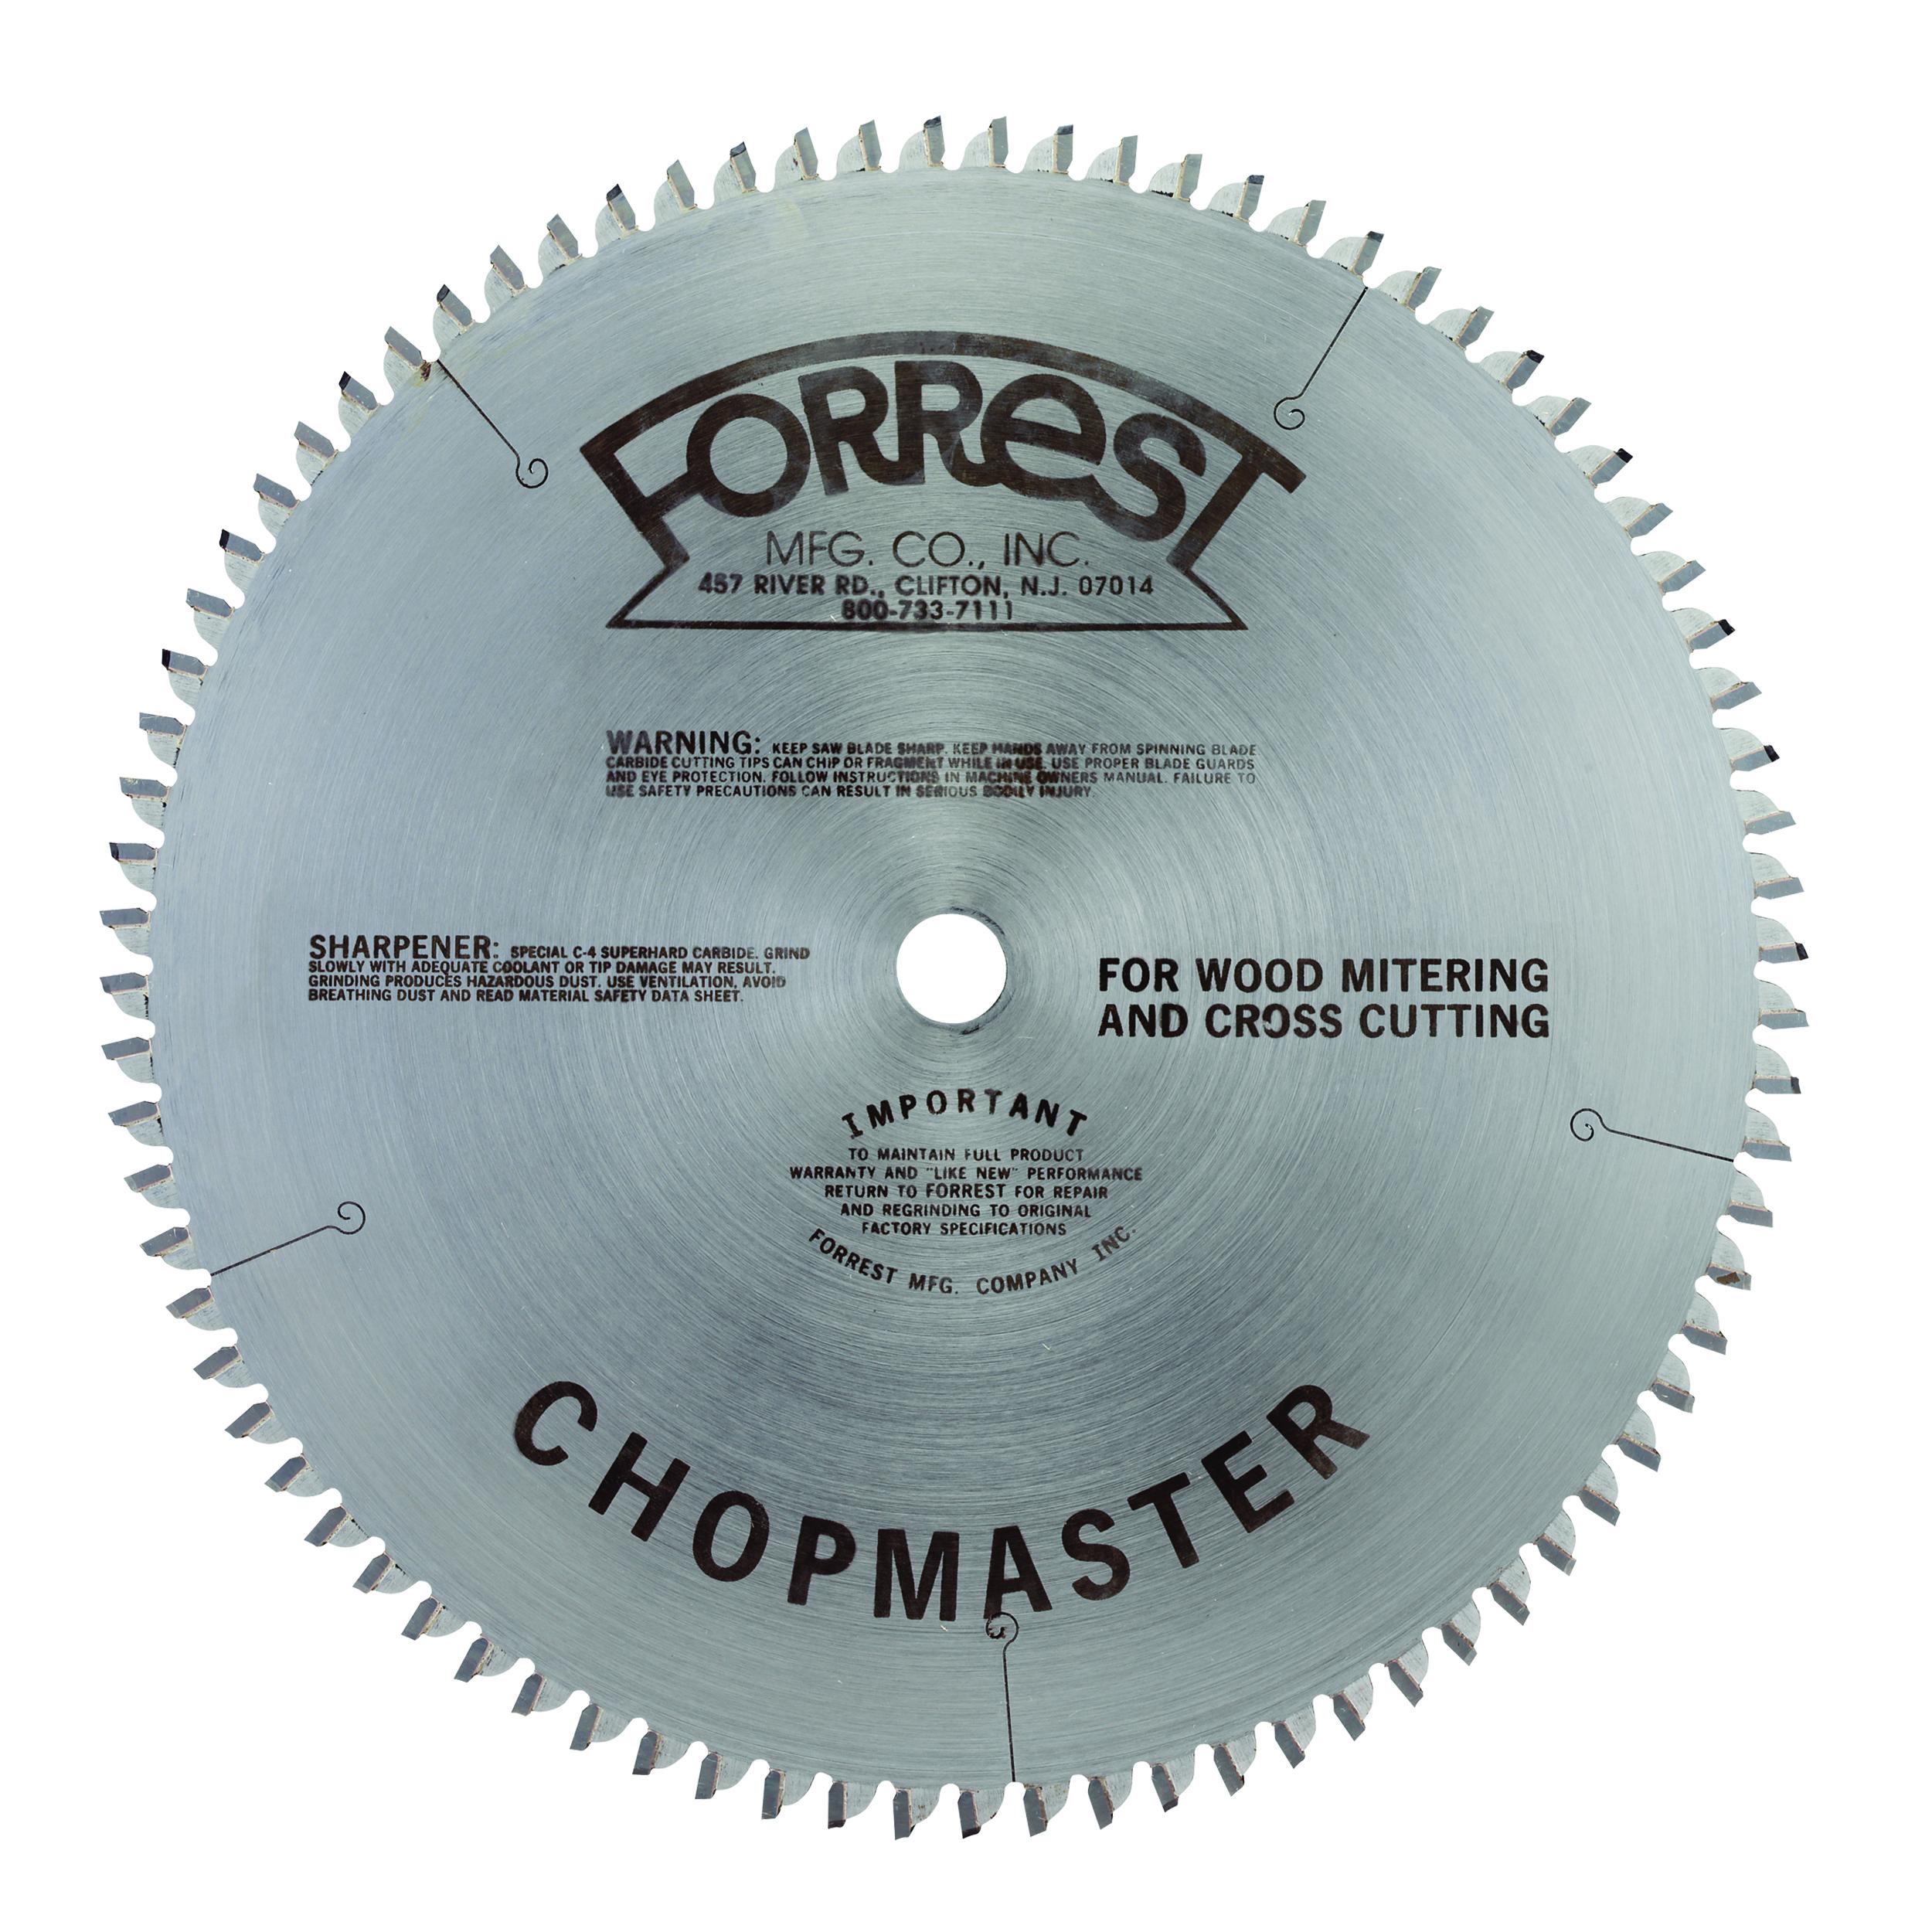 CM10806105 Chopmaster Circular Saw Blade 10